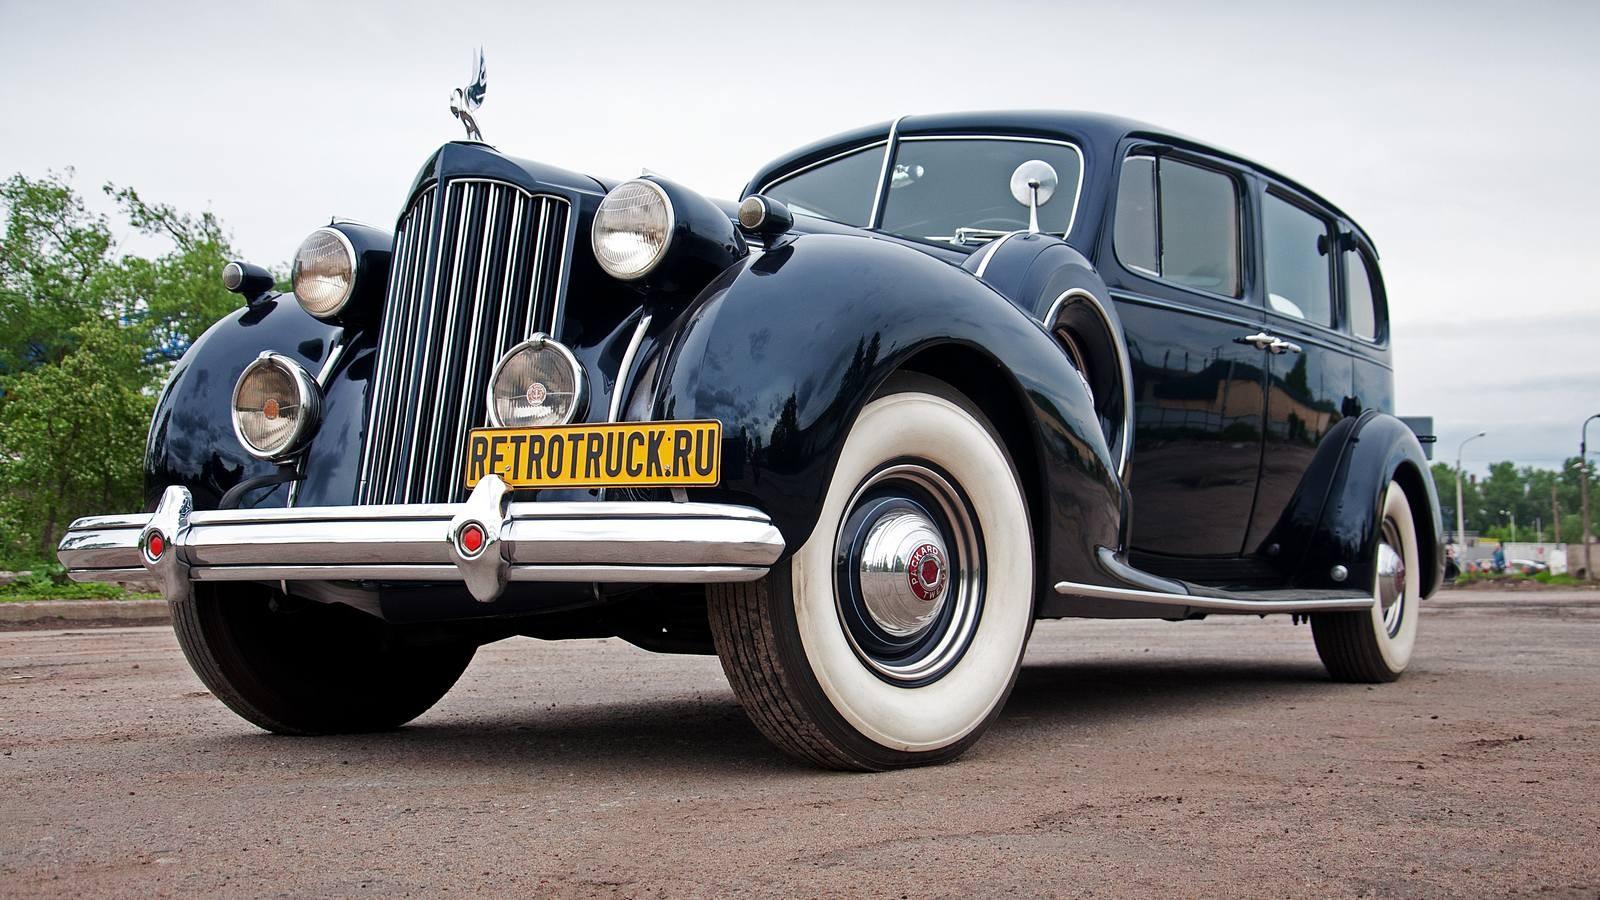 Packard в частные руки попадал очень редко. Пожалуй, самый известный Паккард в руках частника — это Super Eight, который в 1937 году привёз из США Валерий Чкалов. Простые люди на таких машинах не ездили.Ну, с русским графом, Сталиным и Чкаловым разобрались. Остался последний вопрос: какое отношение к Паккарду имеет Уильям Боинг? Ответ простой: вот эту самую машину, на которой мы сегодня будем ездить, в 1939 году заказал себе Боинг. Это — его лимузин. Представляете, как нам повезло?